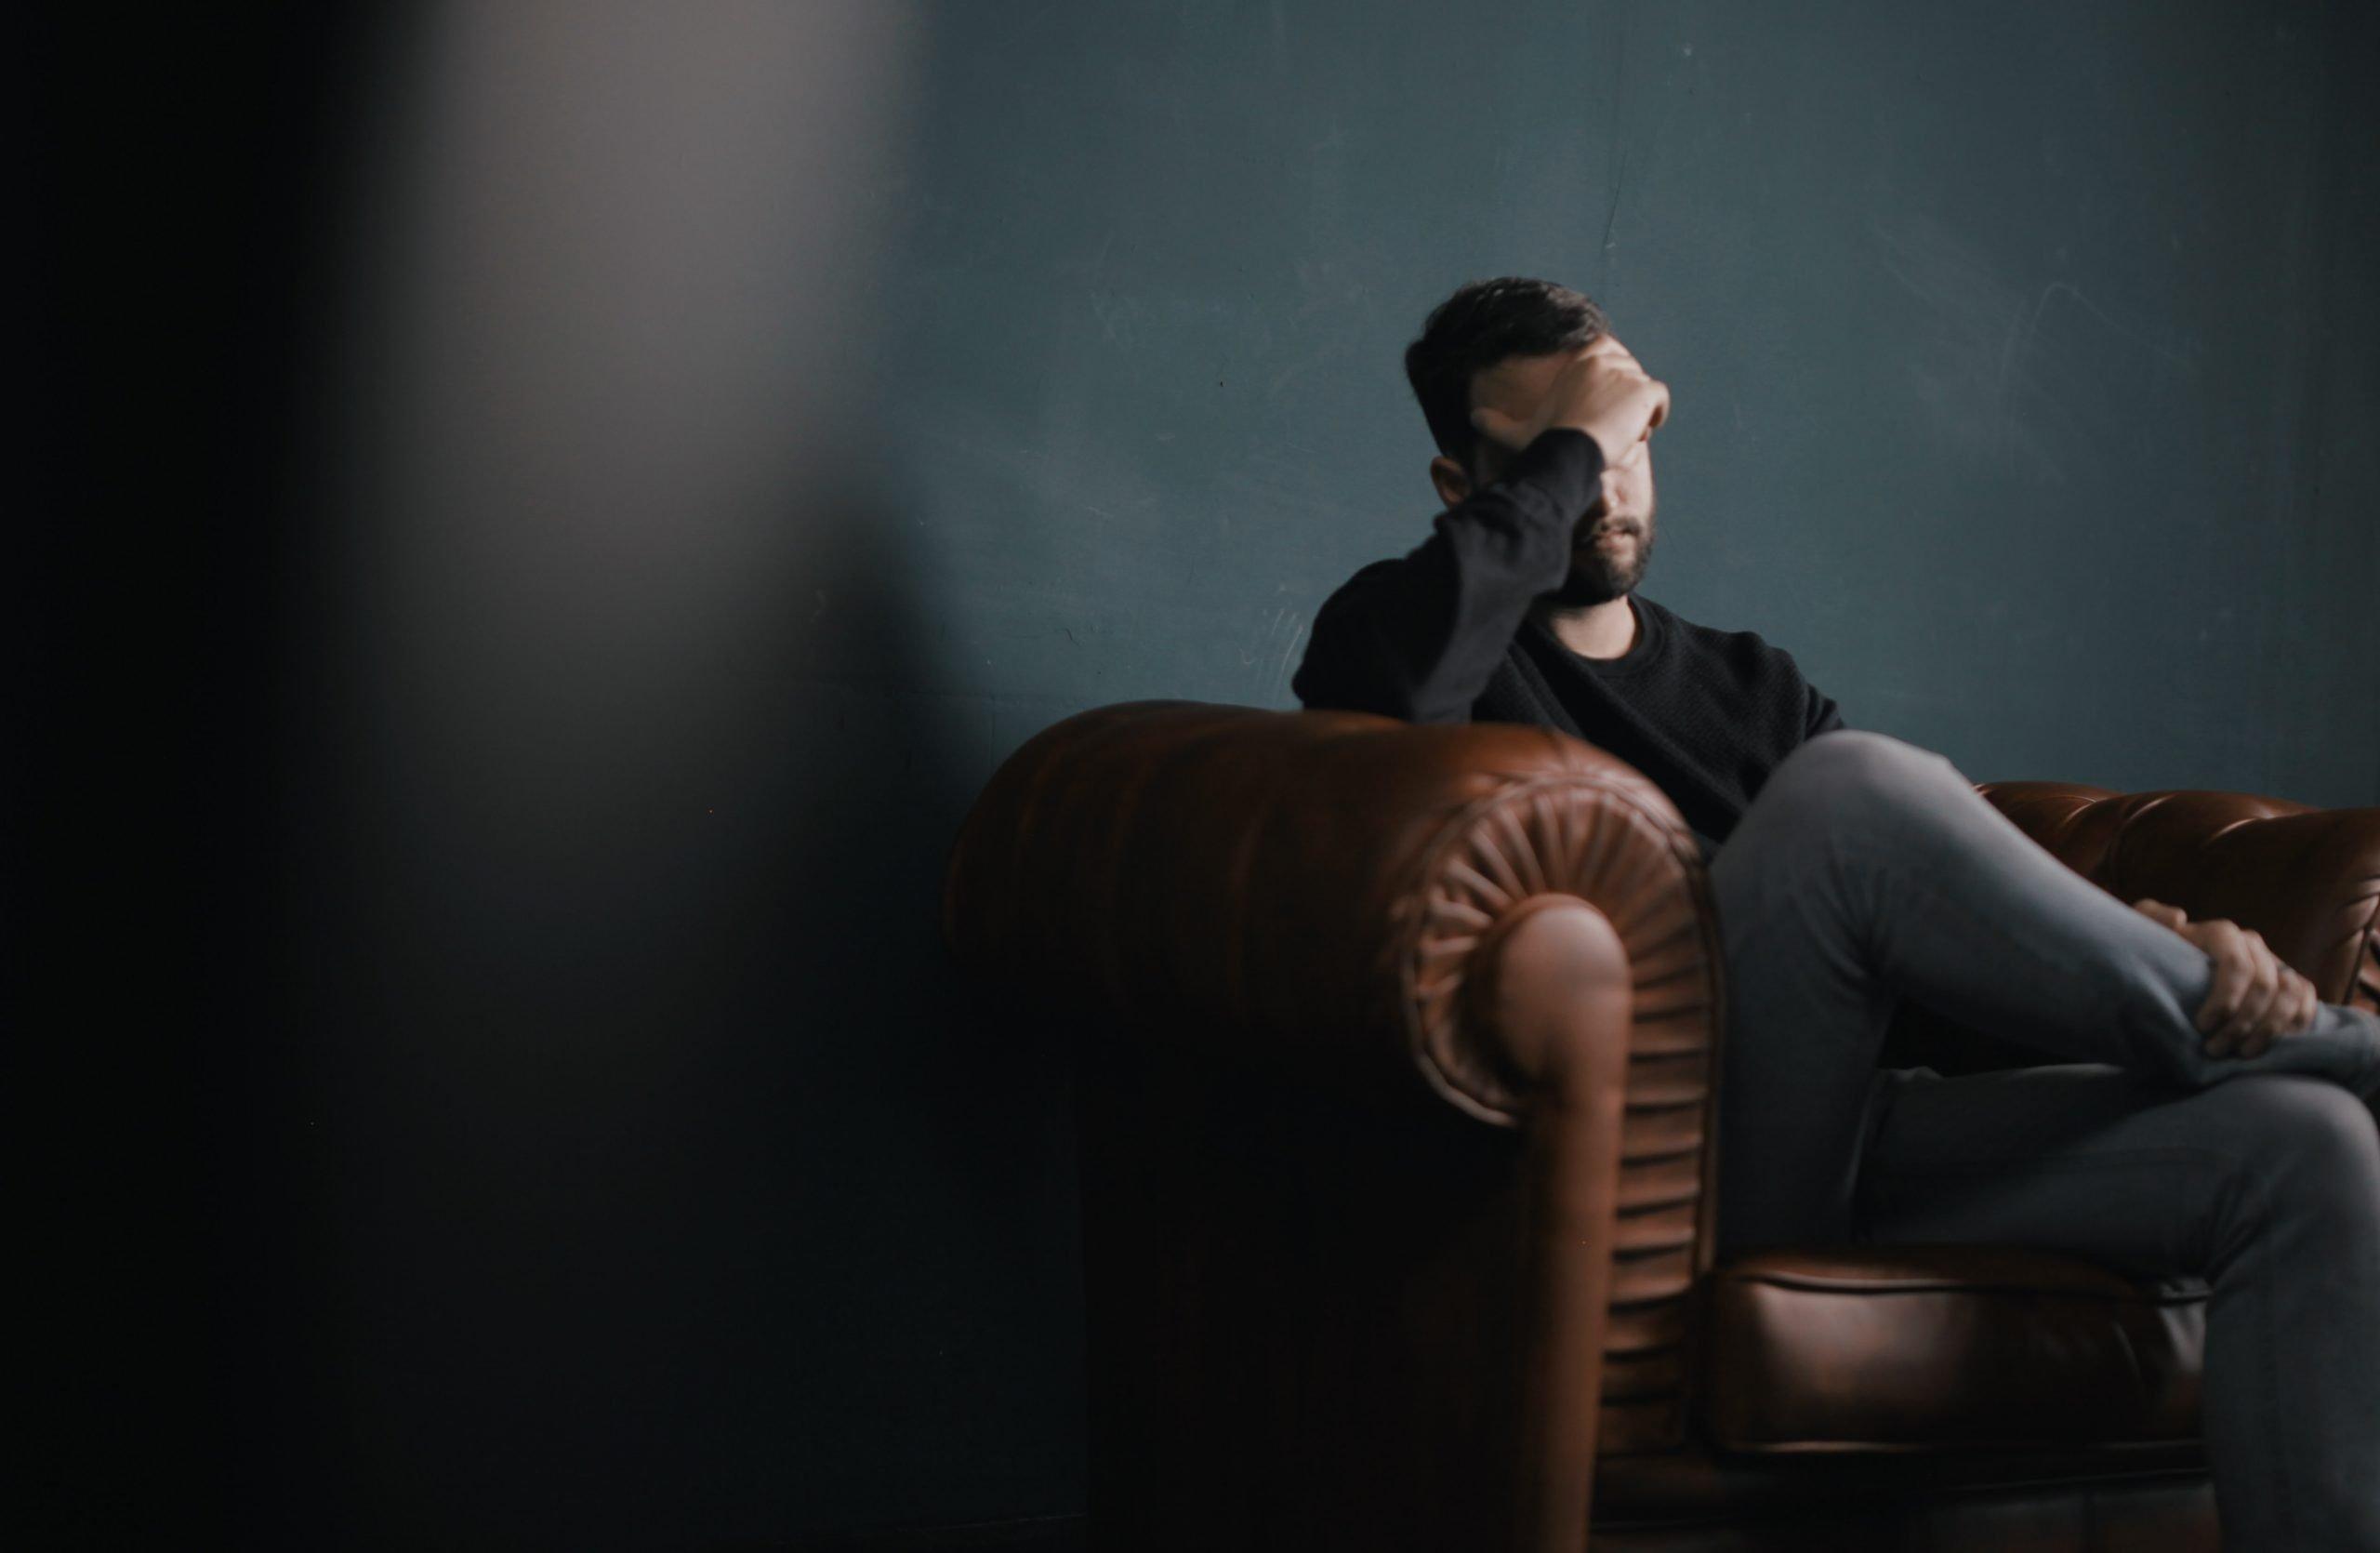 Hombre con cara de preocupación en sillón.